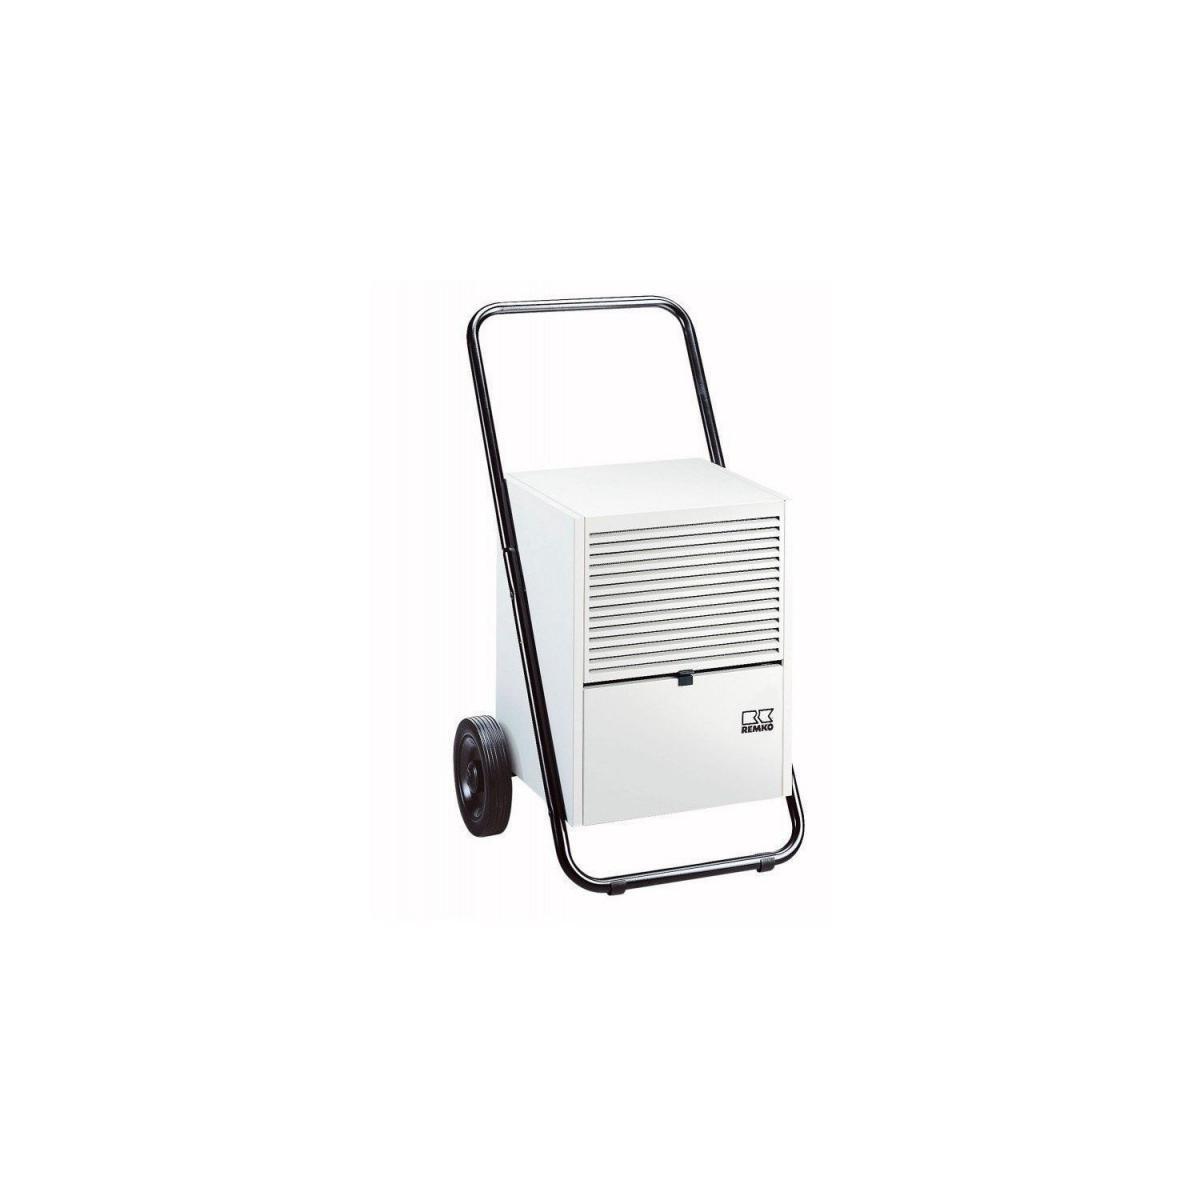 Remko Déshumidificateur Mobile Pro ETF550 820 W Remko